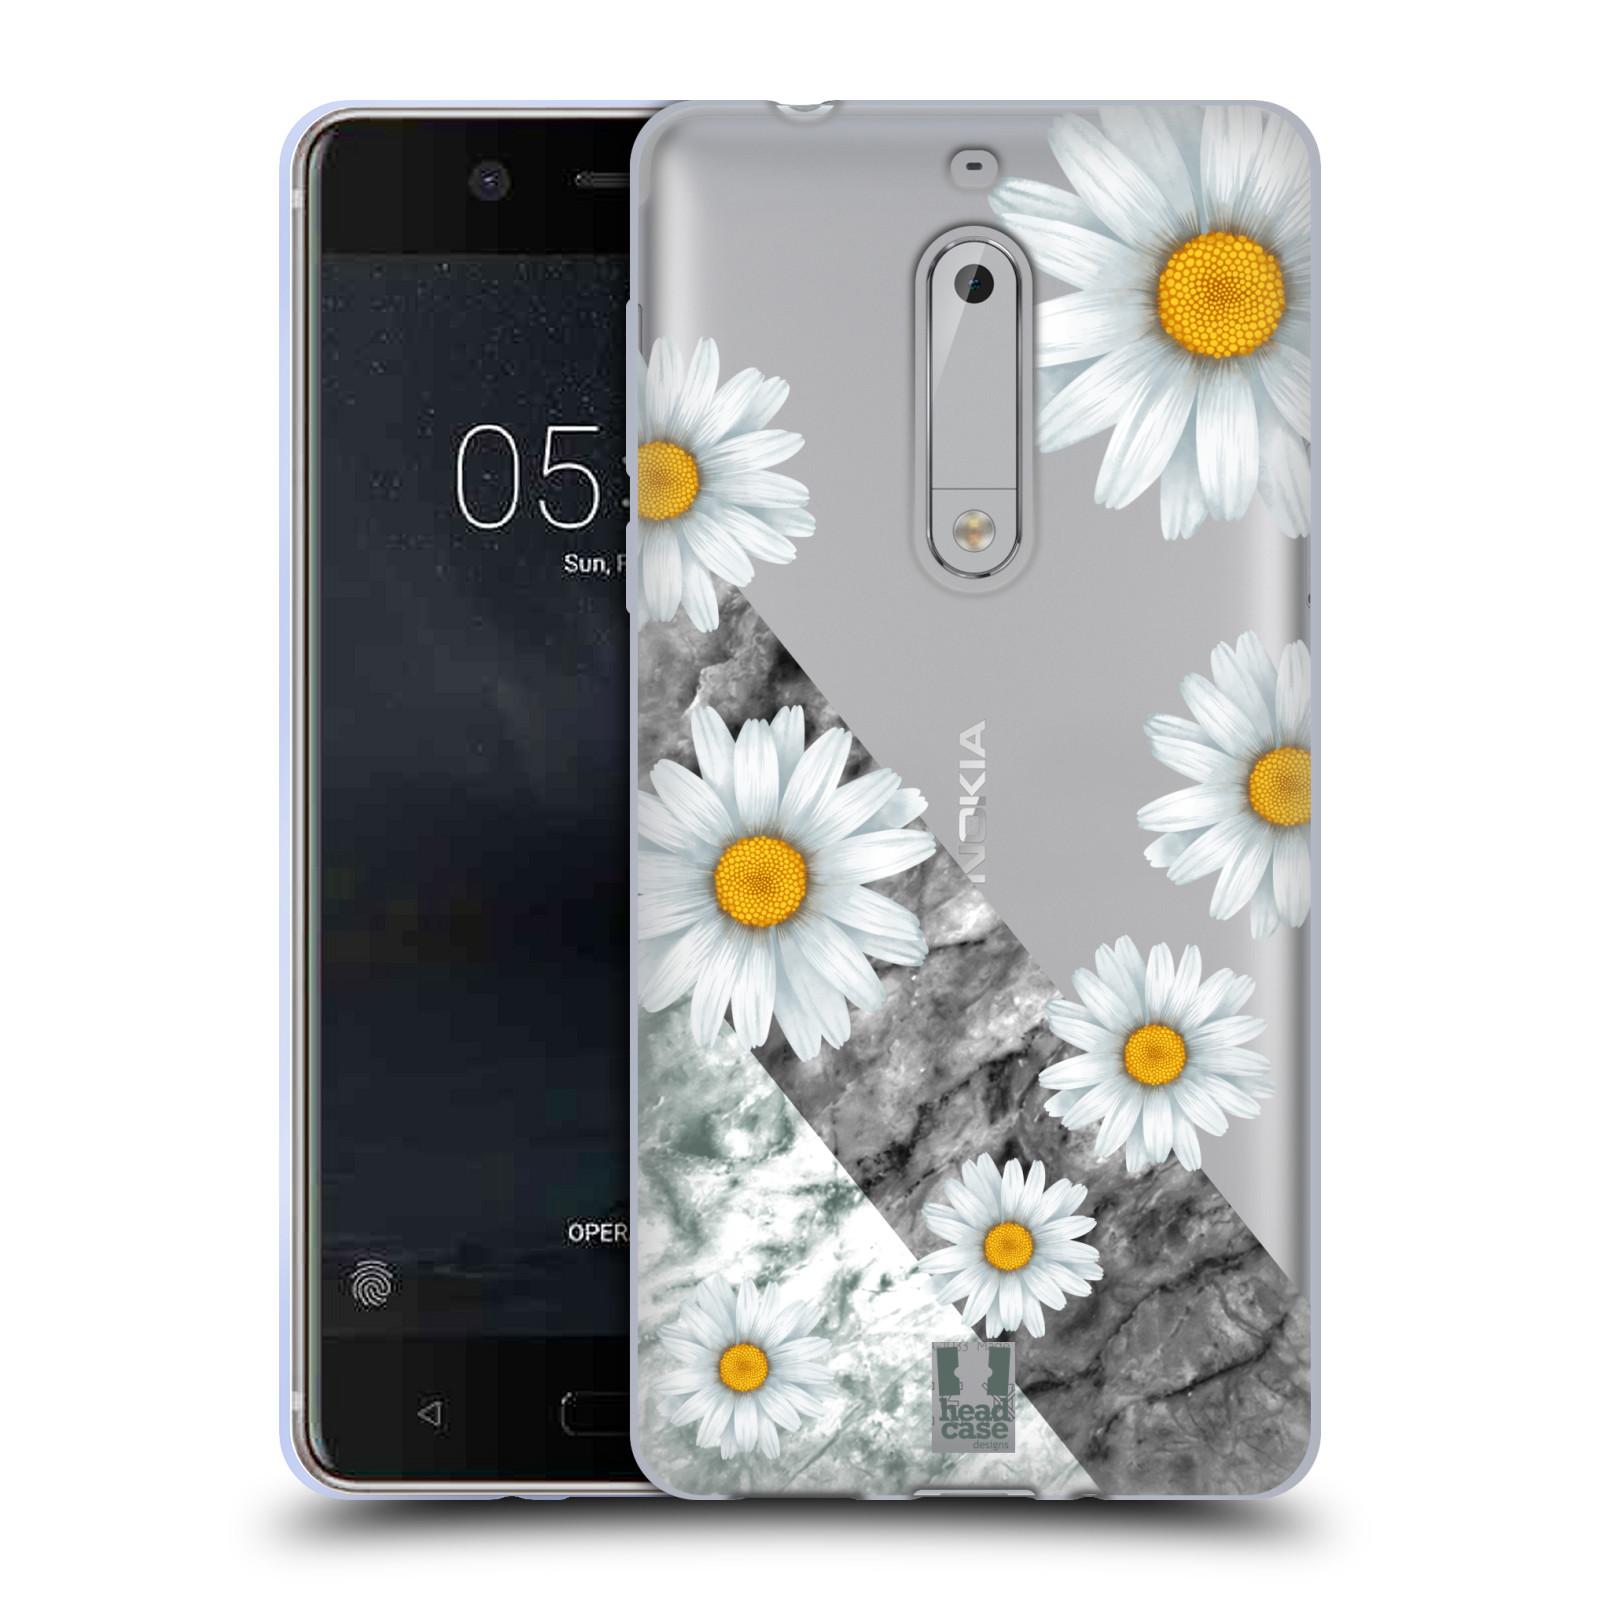 HEAD CASE silikonový obal na mobil Nokia 5 květina sedmikráska a mramor